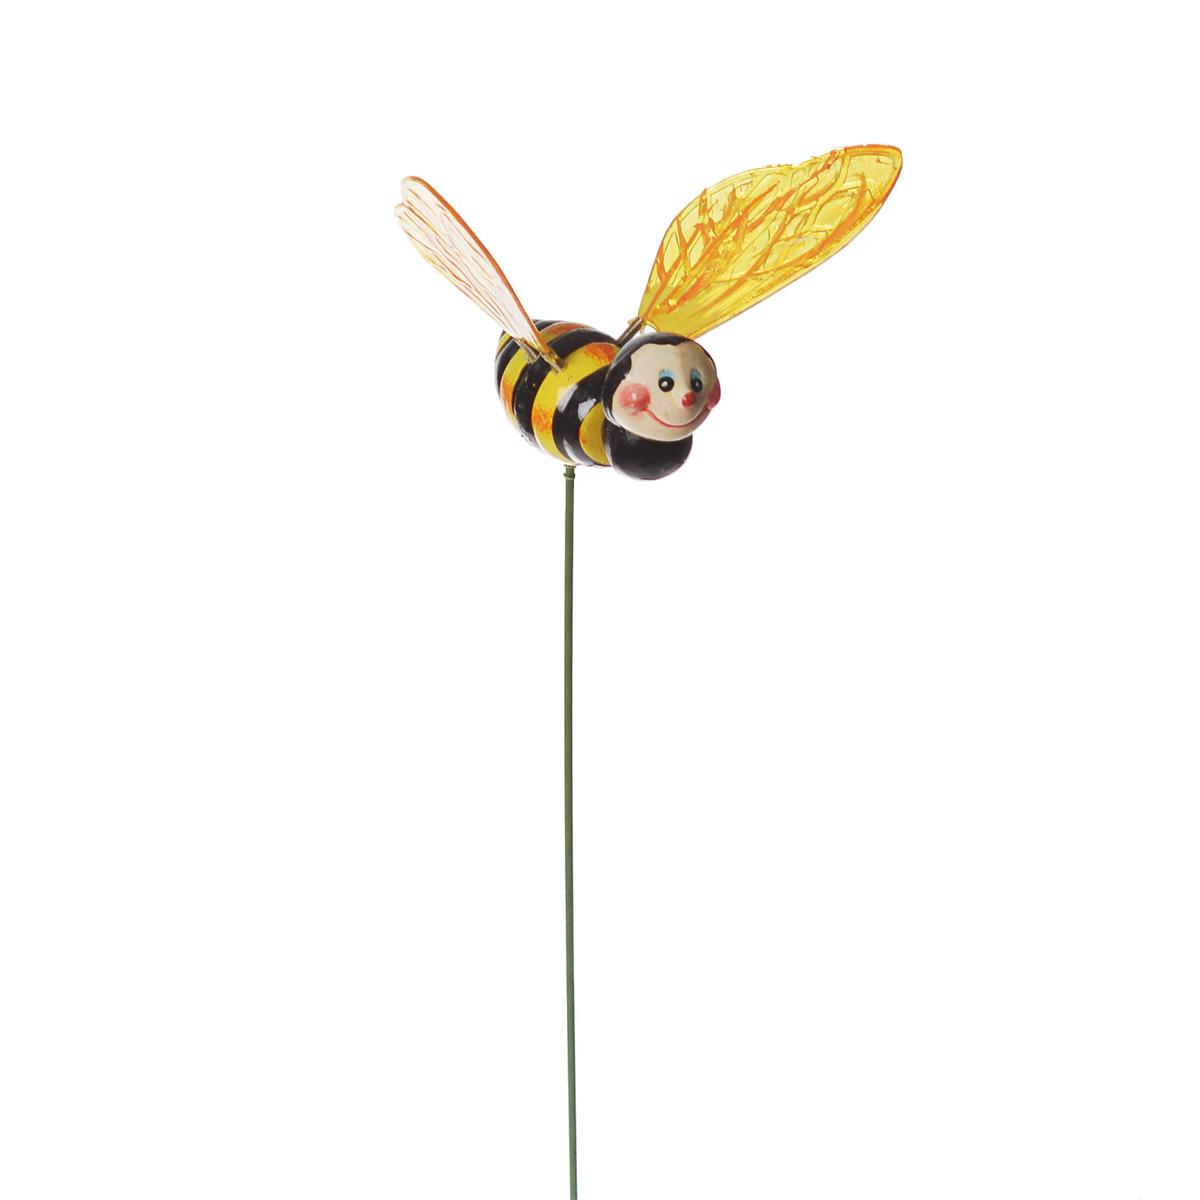 Украшение на ножке Village People Пчелка, высота 47 см64583Украшение на ножке Village People представляет собой металлический стержень с фигуркой пчелки, выполненной из полистирола. Крылышки на пружинках. Изделие предназначено для декорирования садового участка, грядок, клумб, цветочных кашпо, а также для поддержки и правильного роста растений. Легко устанавливается в землю, замечательно украсит ваш сад и добавит ярких красок.